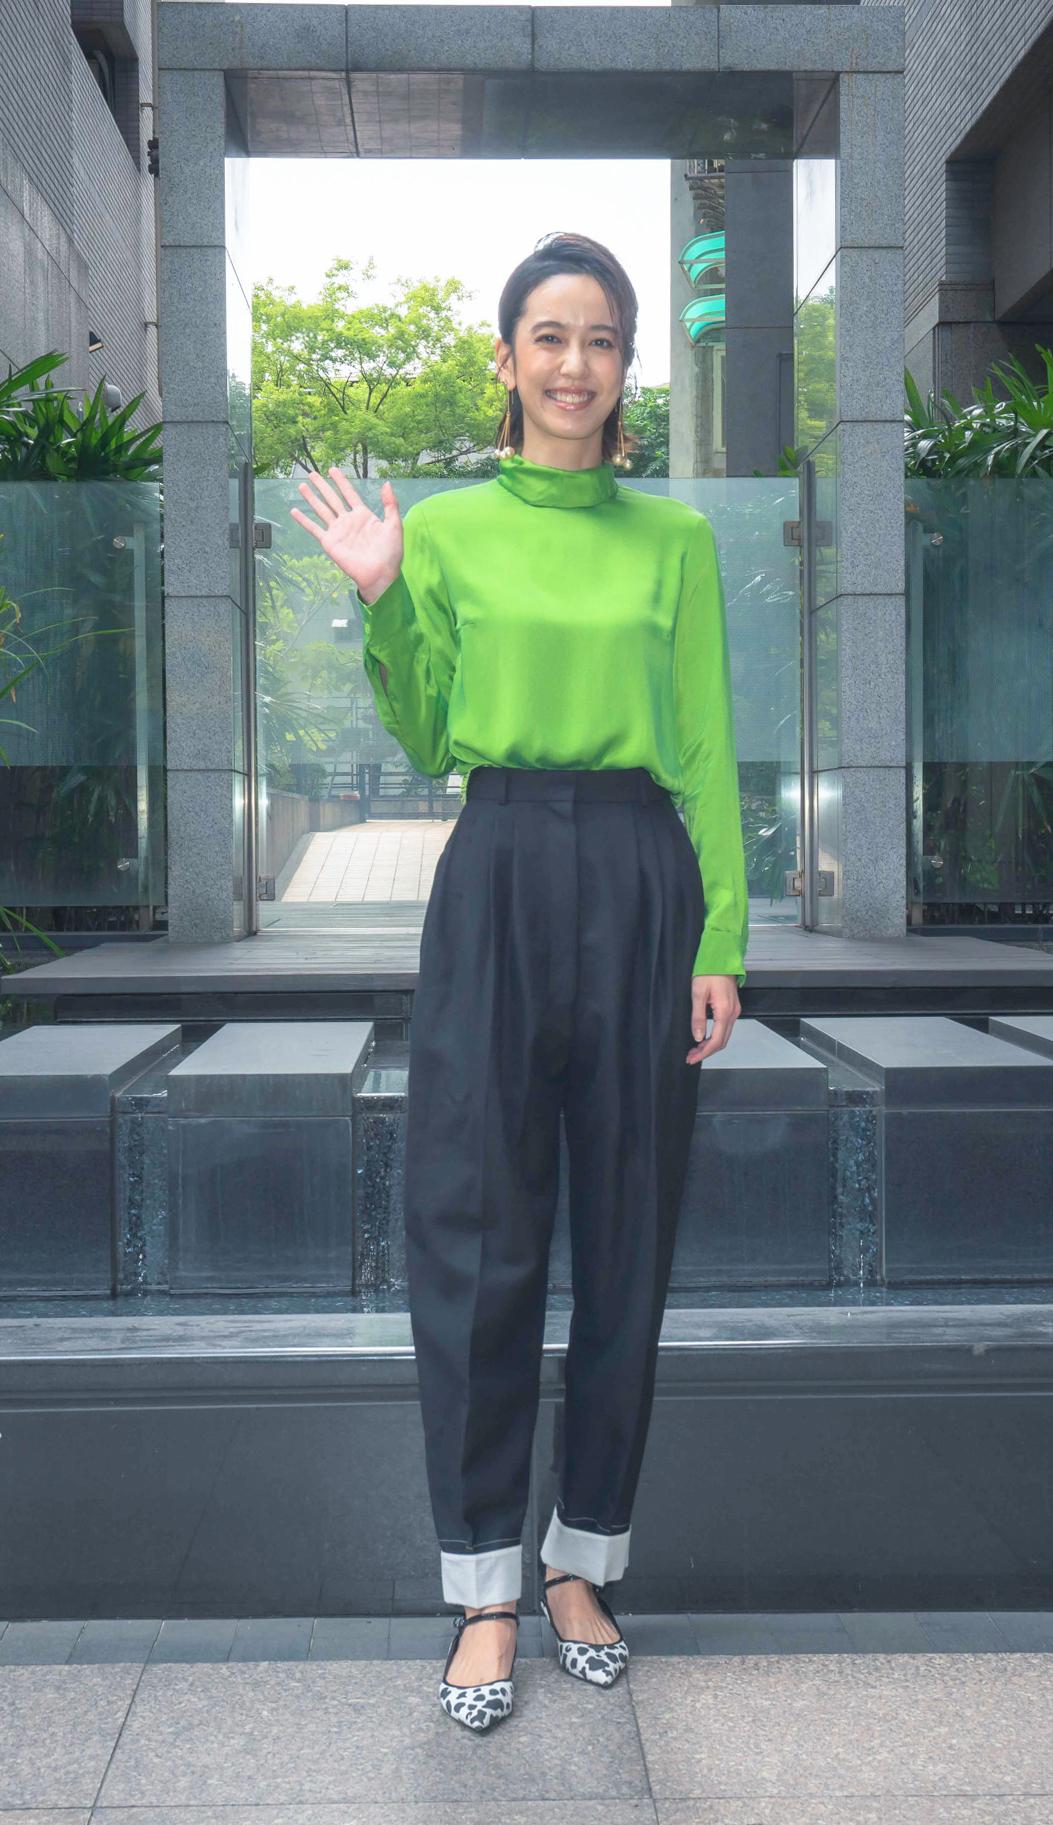 陳庭妮飾演一位性感網紅,做功課看愛情動作片(照片提供:《電影青春弒戀》)